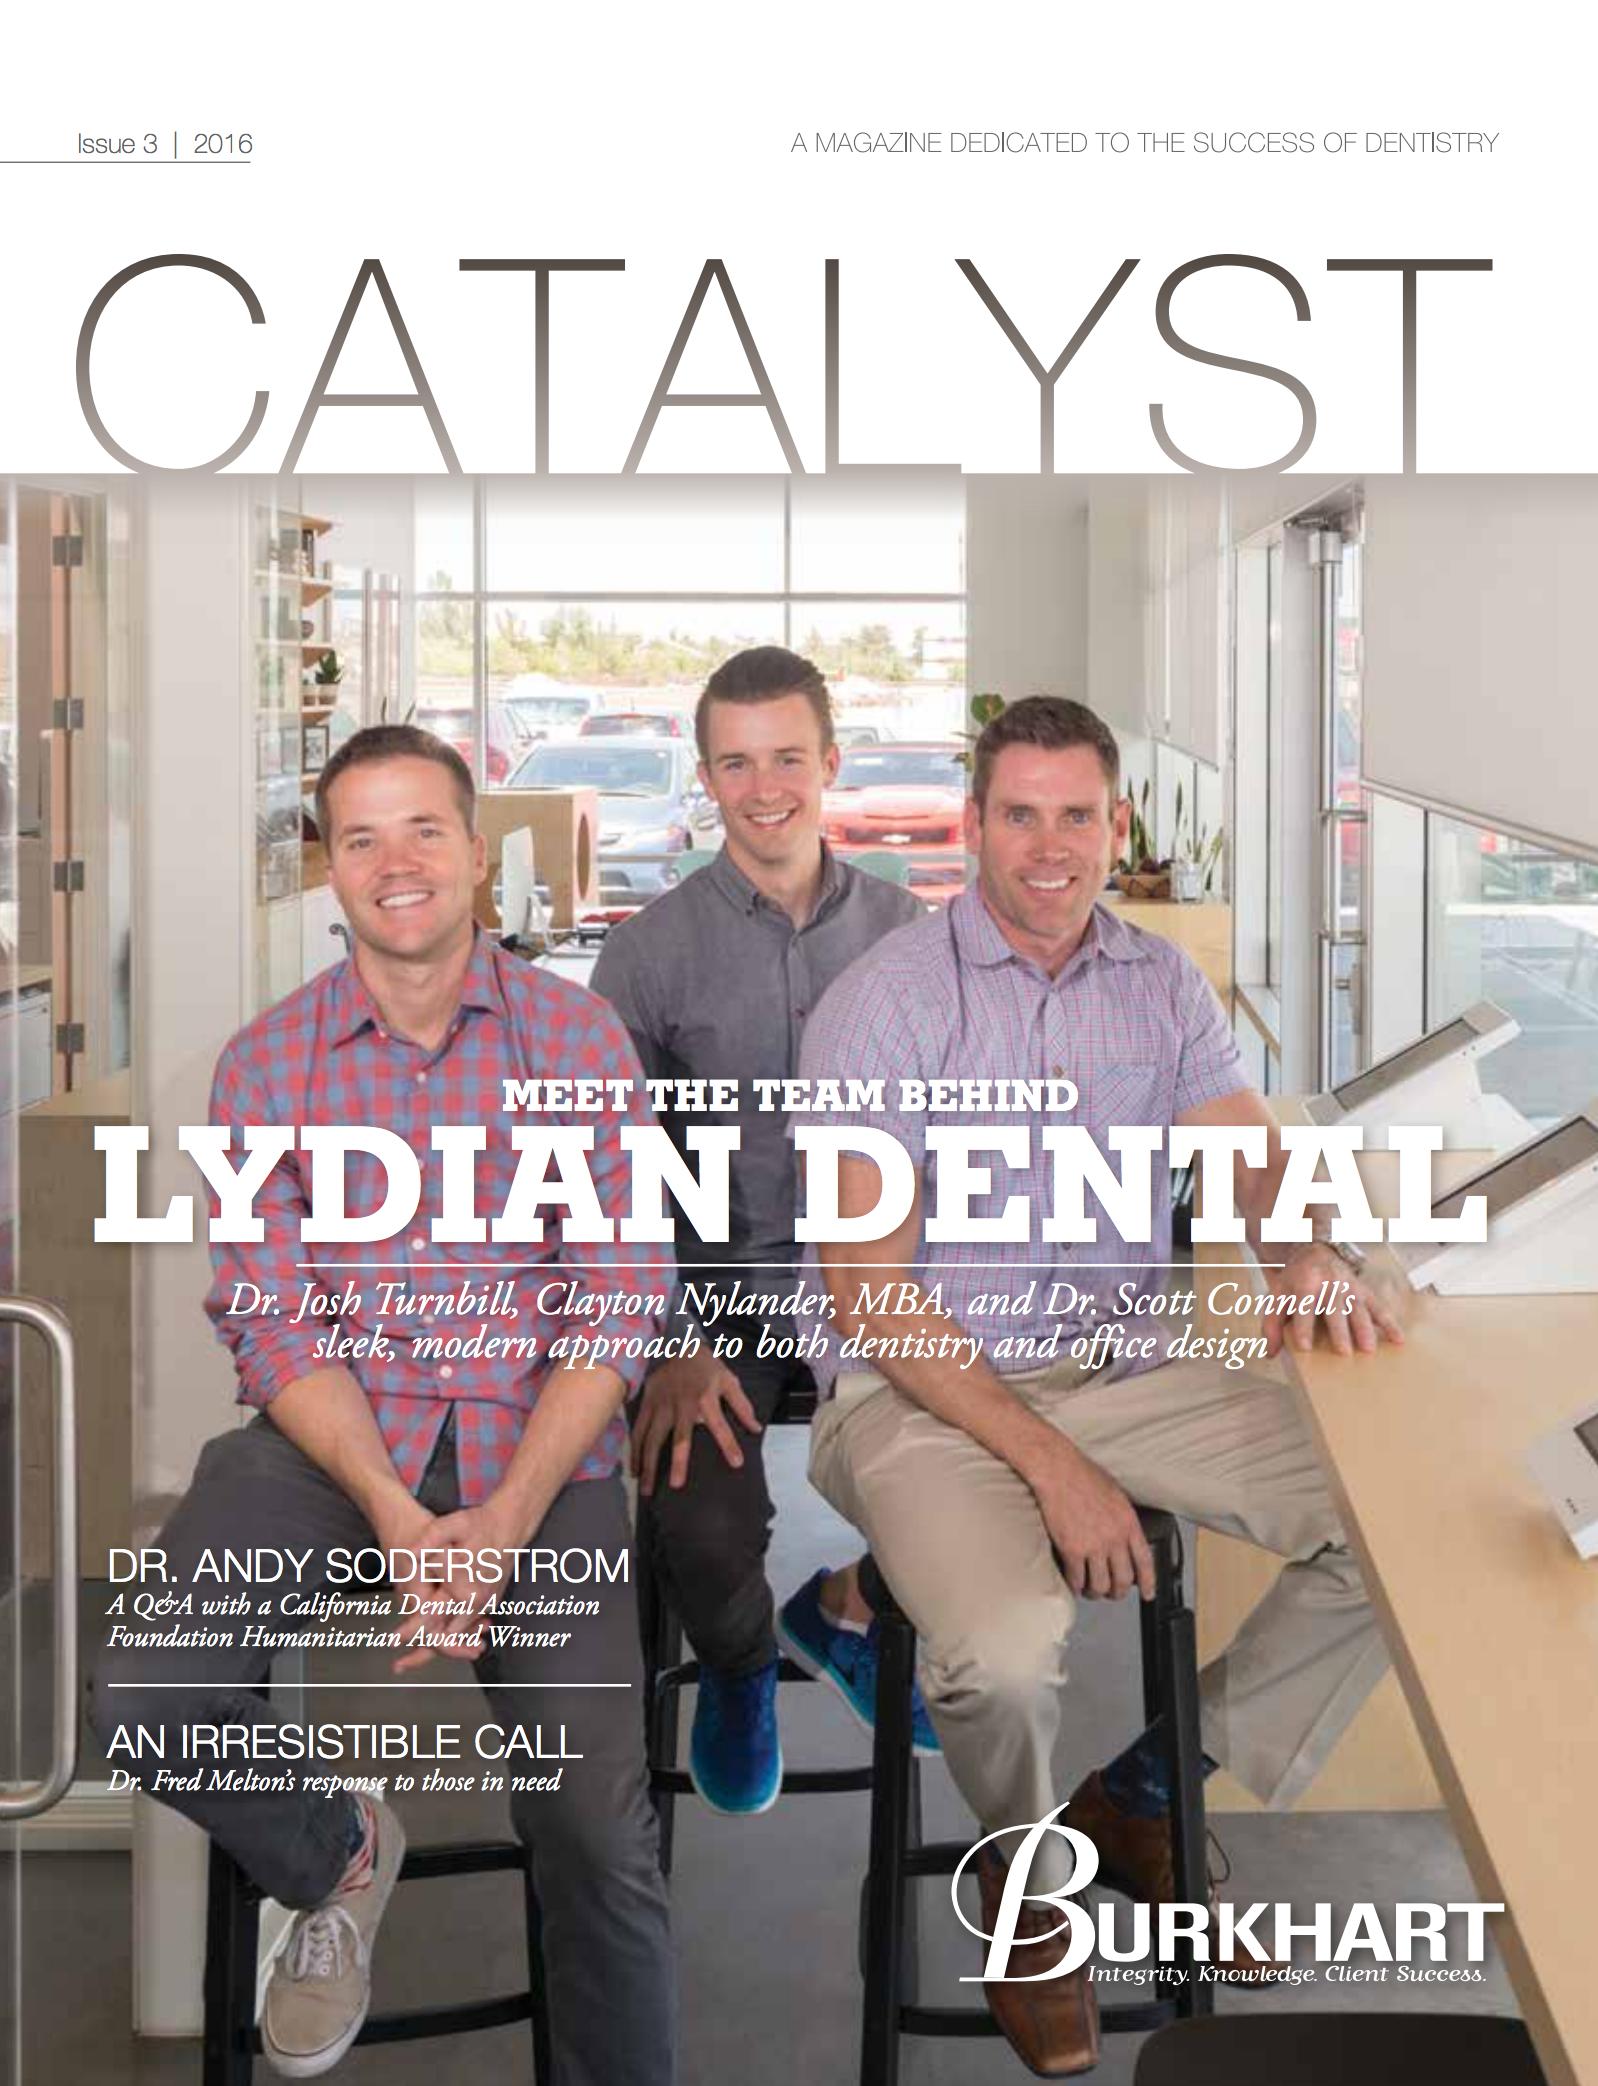 Burkhart_Dental_Catalylst_Mag_#3_2016_6.png